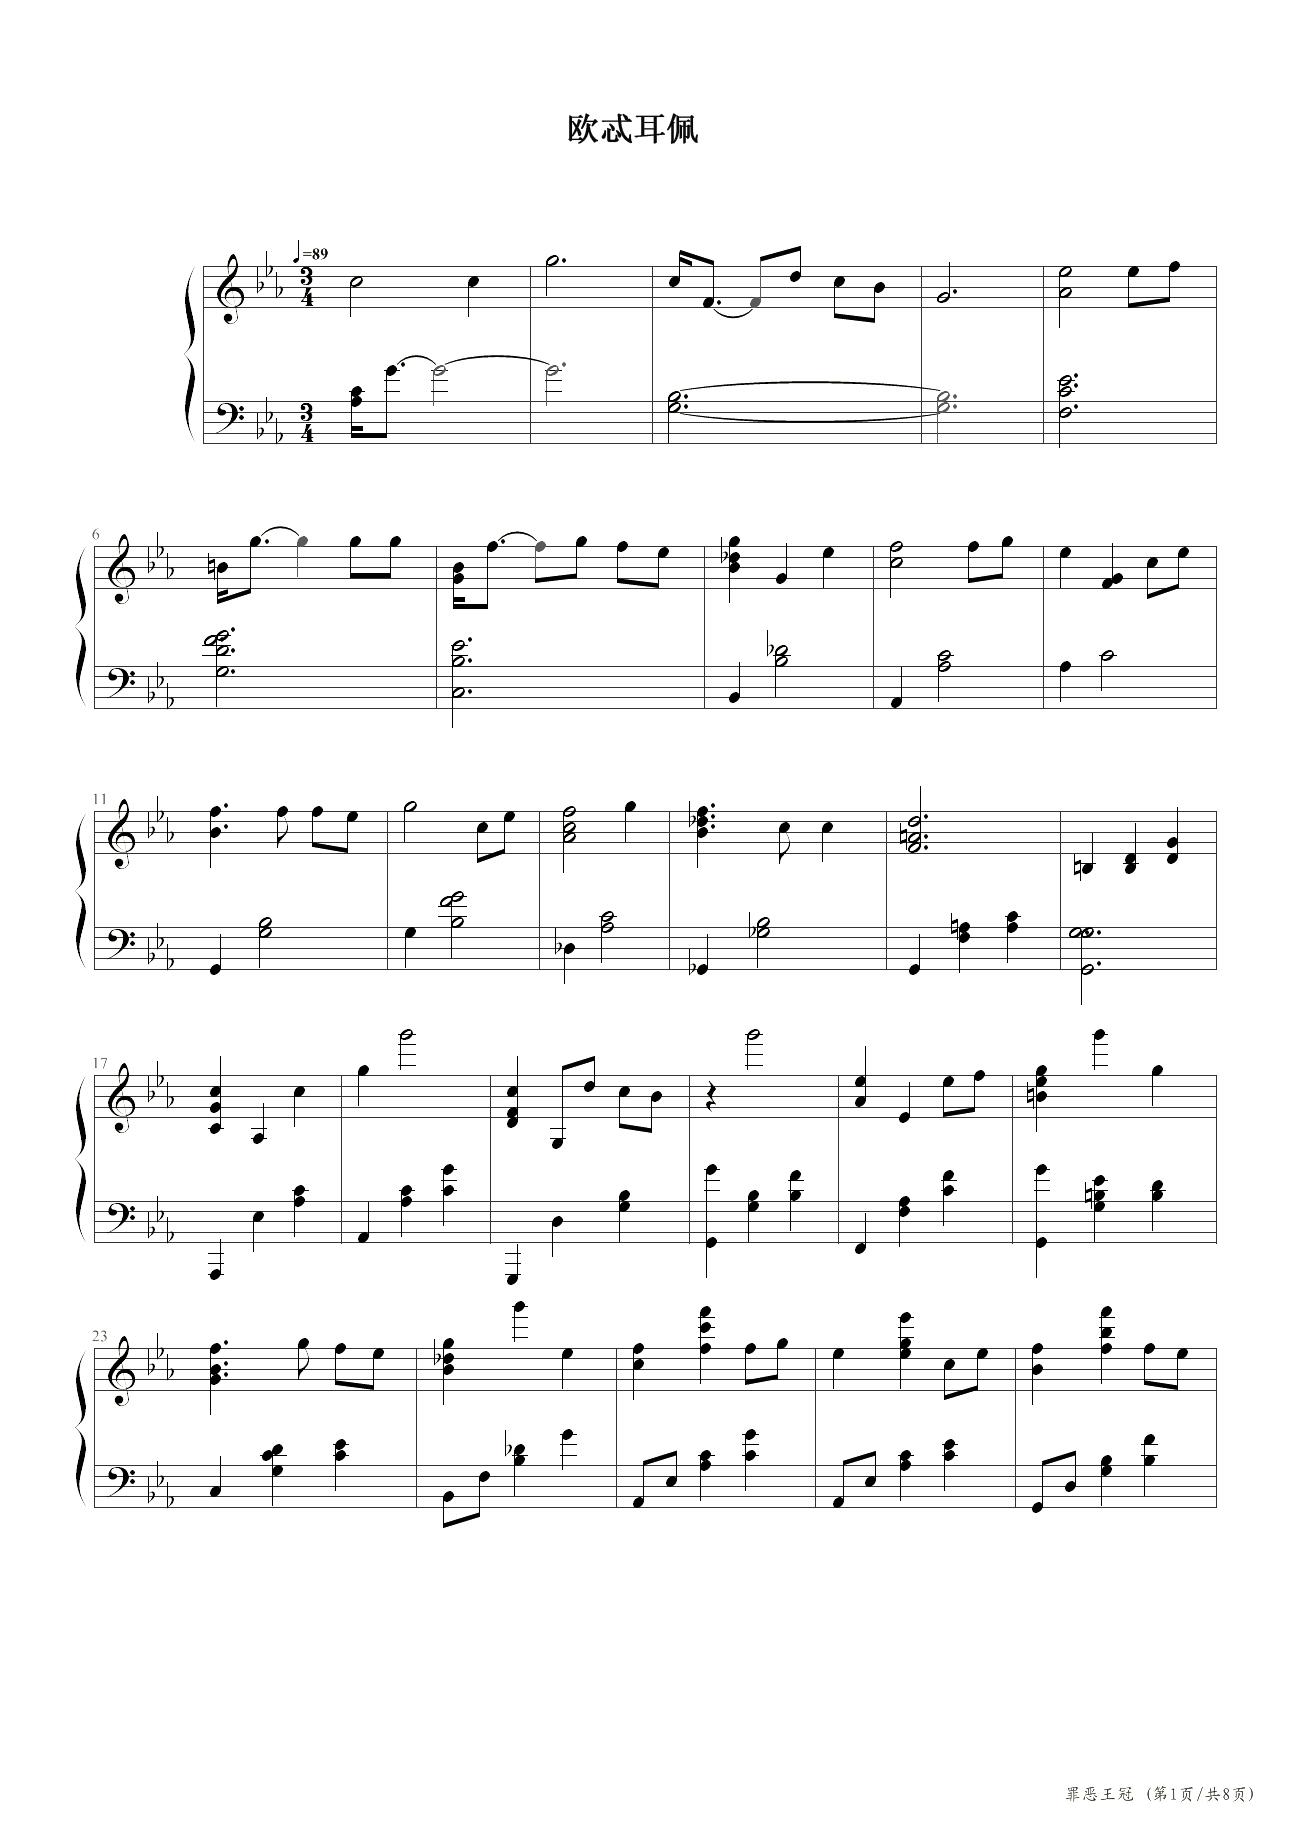 欧忒耳佩钢琴谱图片